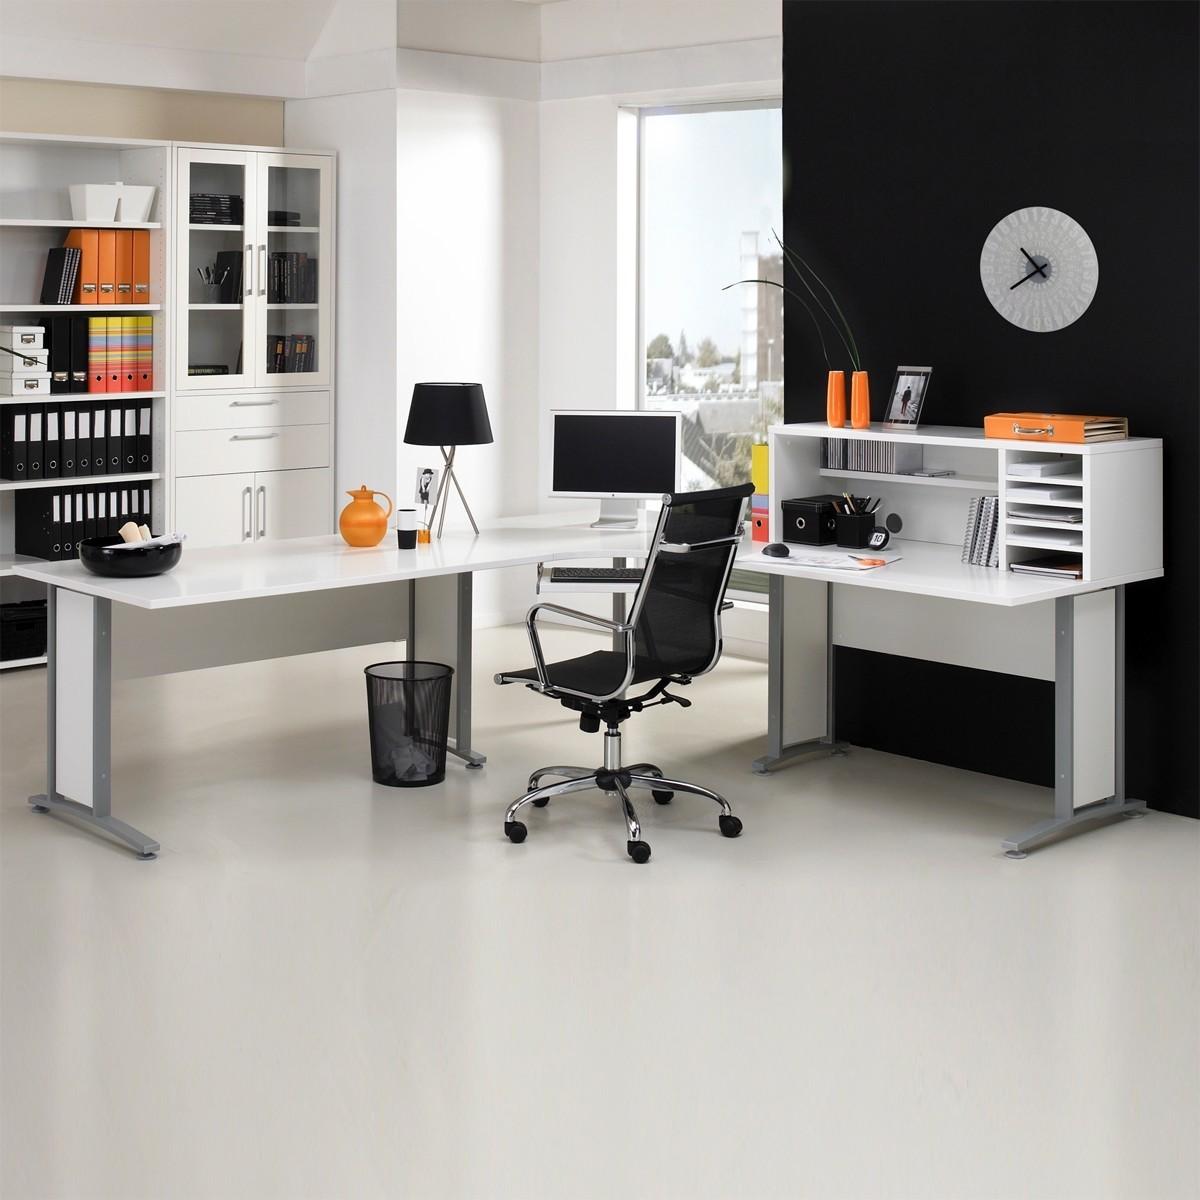 schreibtisch prima mit aufsatz in weiss b2b trade. Black Bedroom Furniture Sets. Home Design Ideas